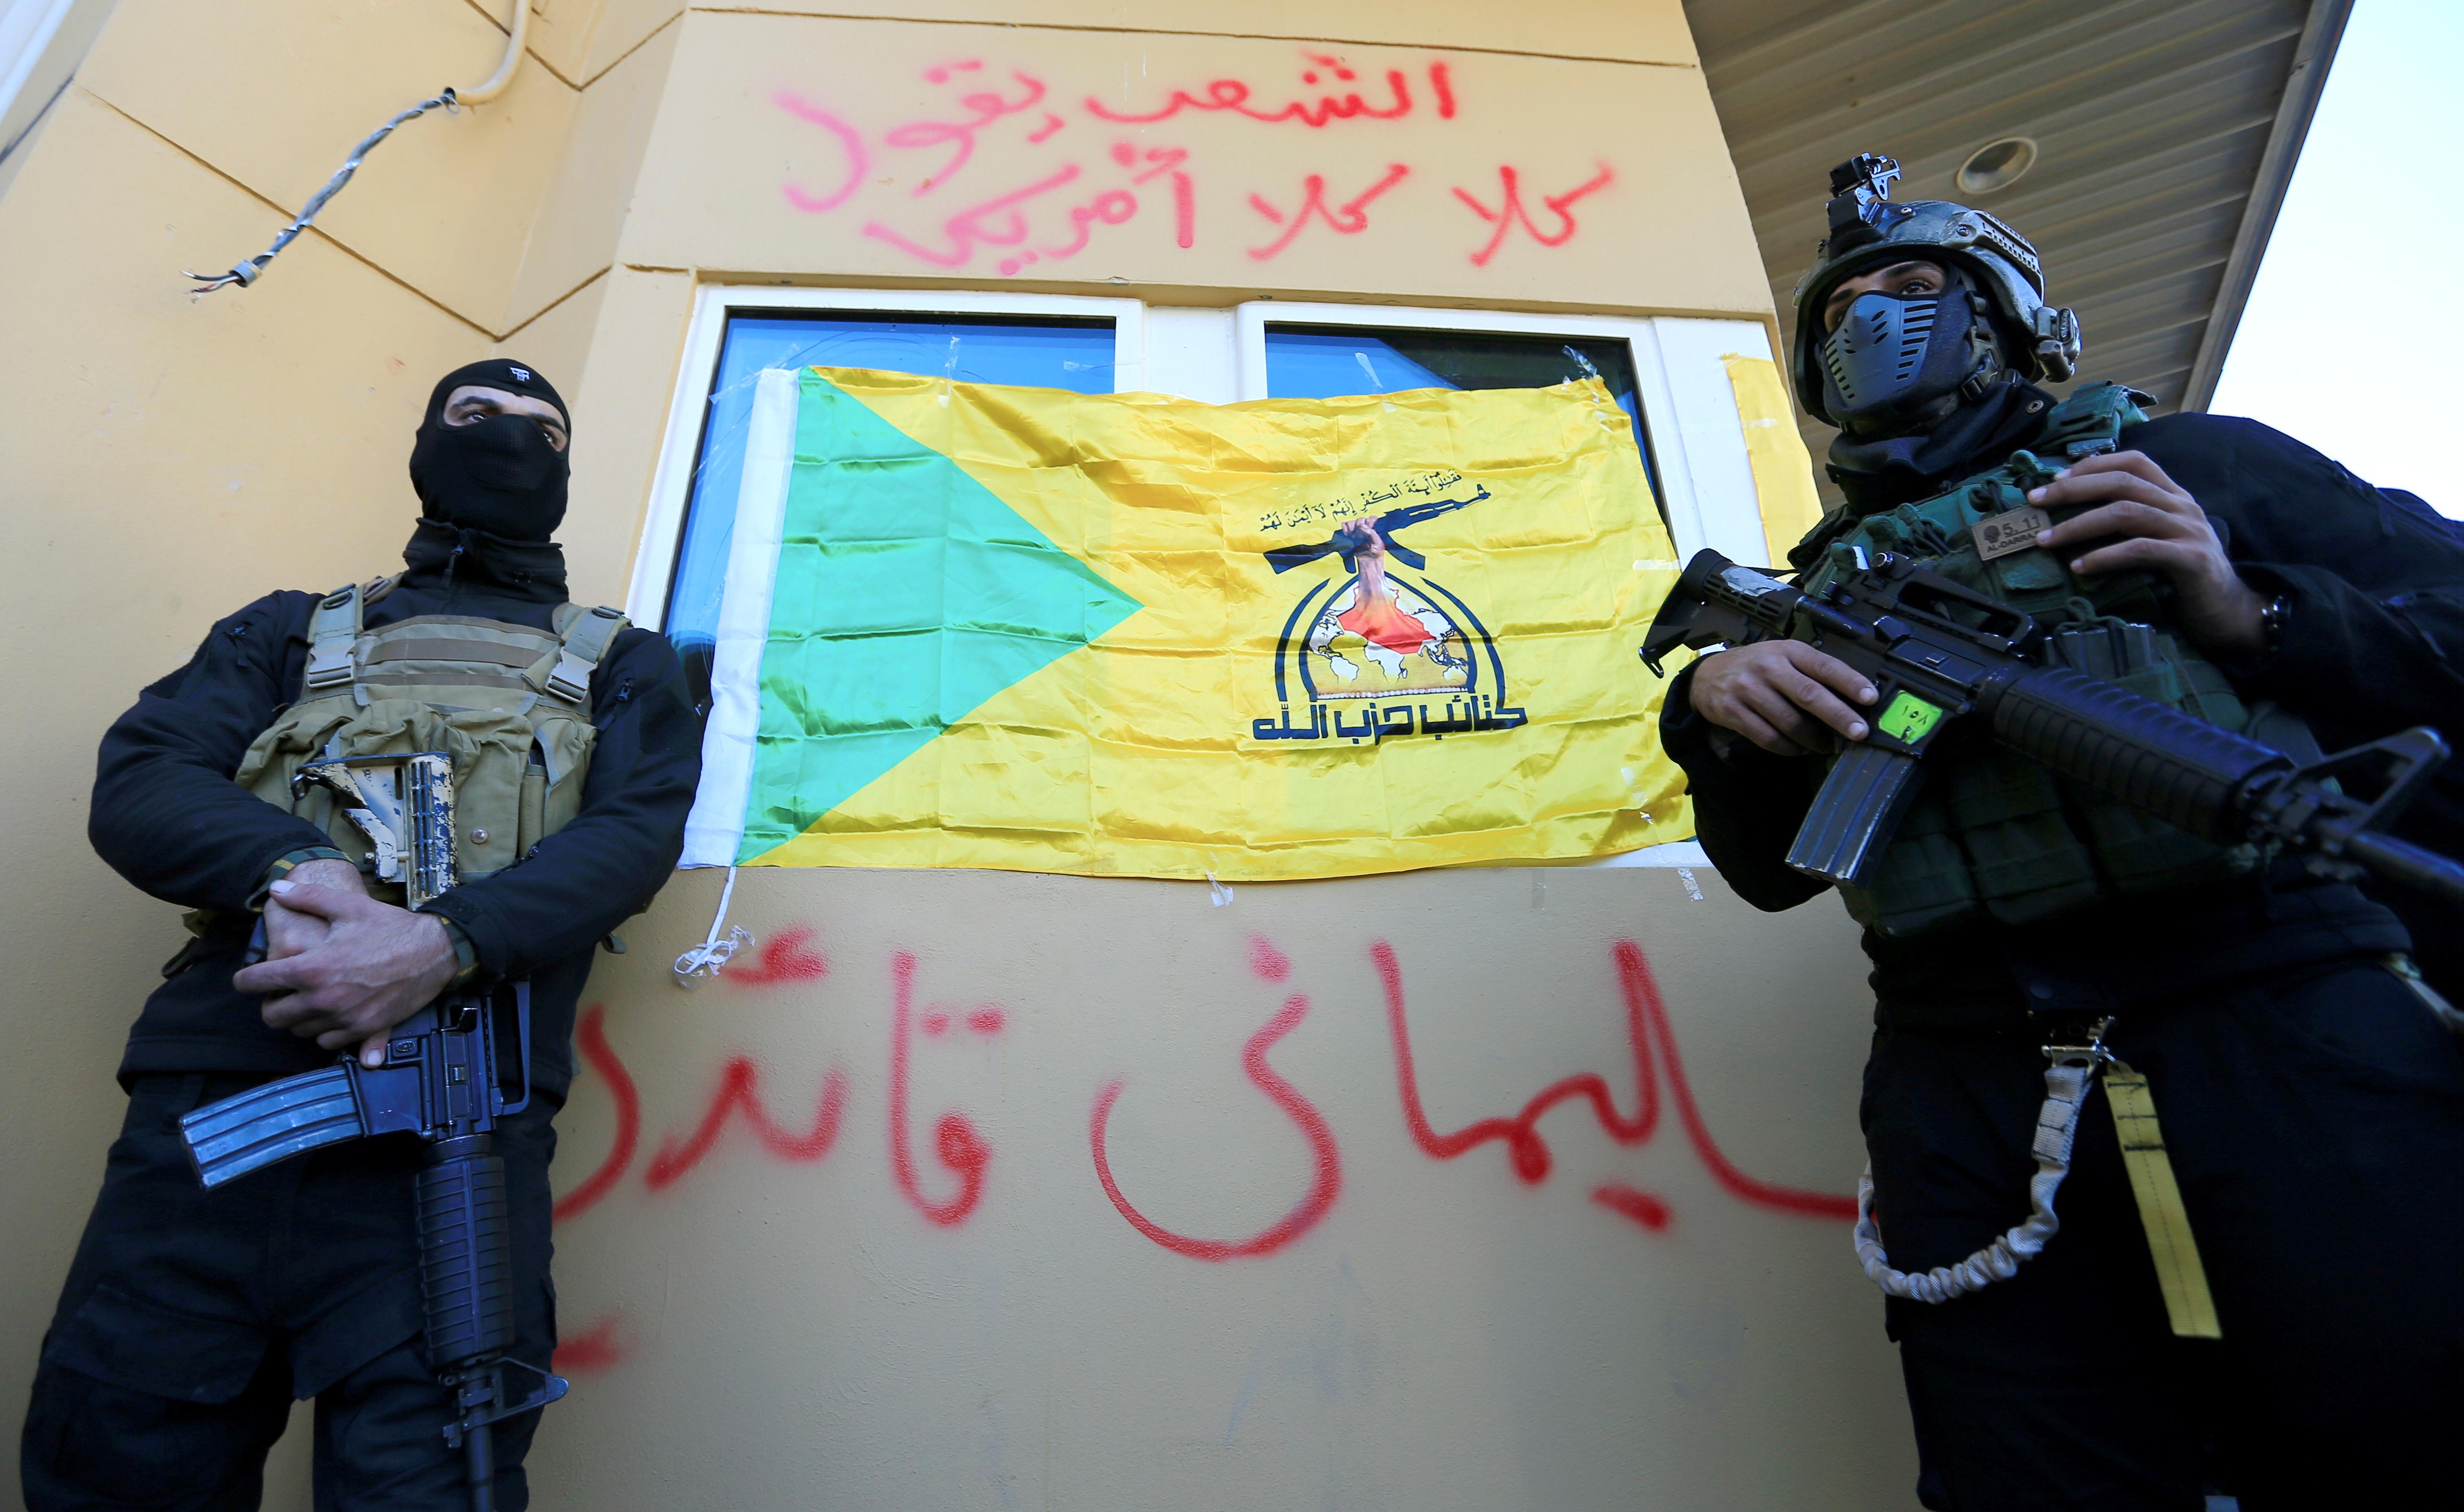 Una bandera de Hezbollah en Irak bloquea la visión de una de las ventanas de la embajada de EEUU en Bagdad